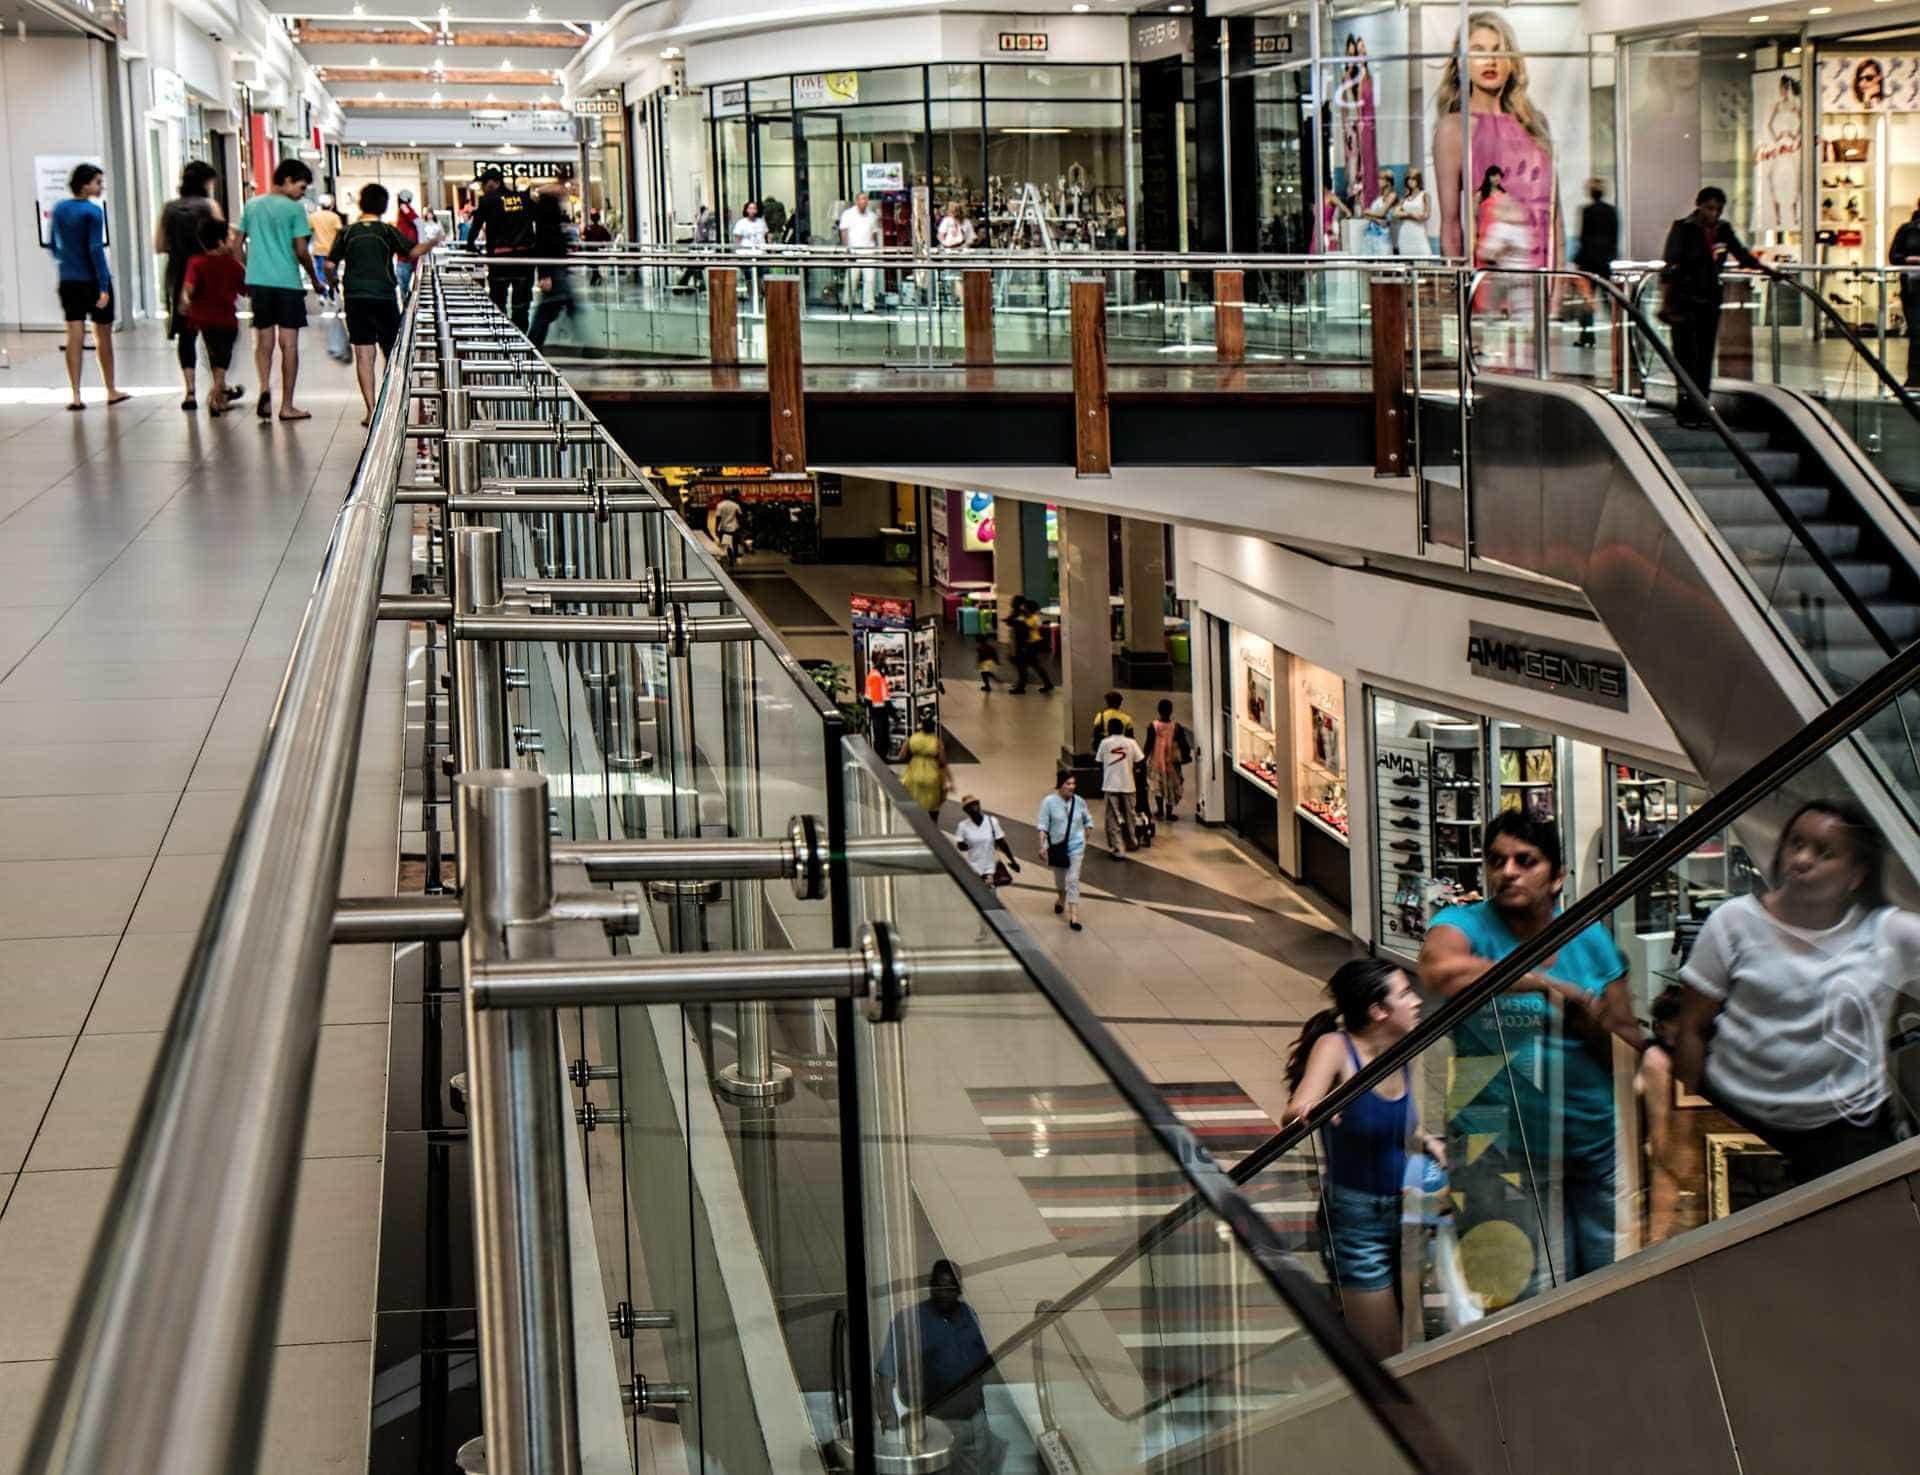 Shoppings do Rio têm um assalto a cada dez dias